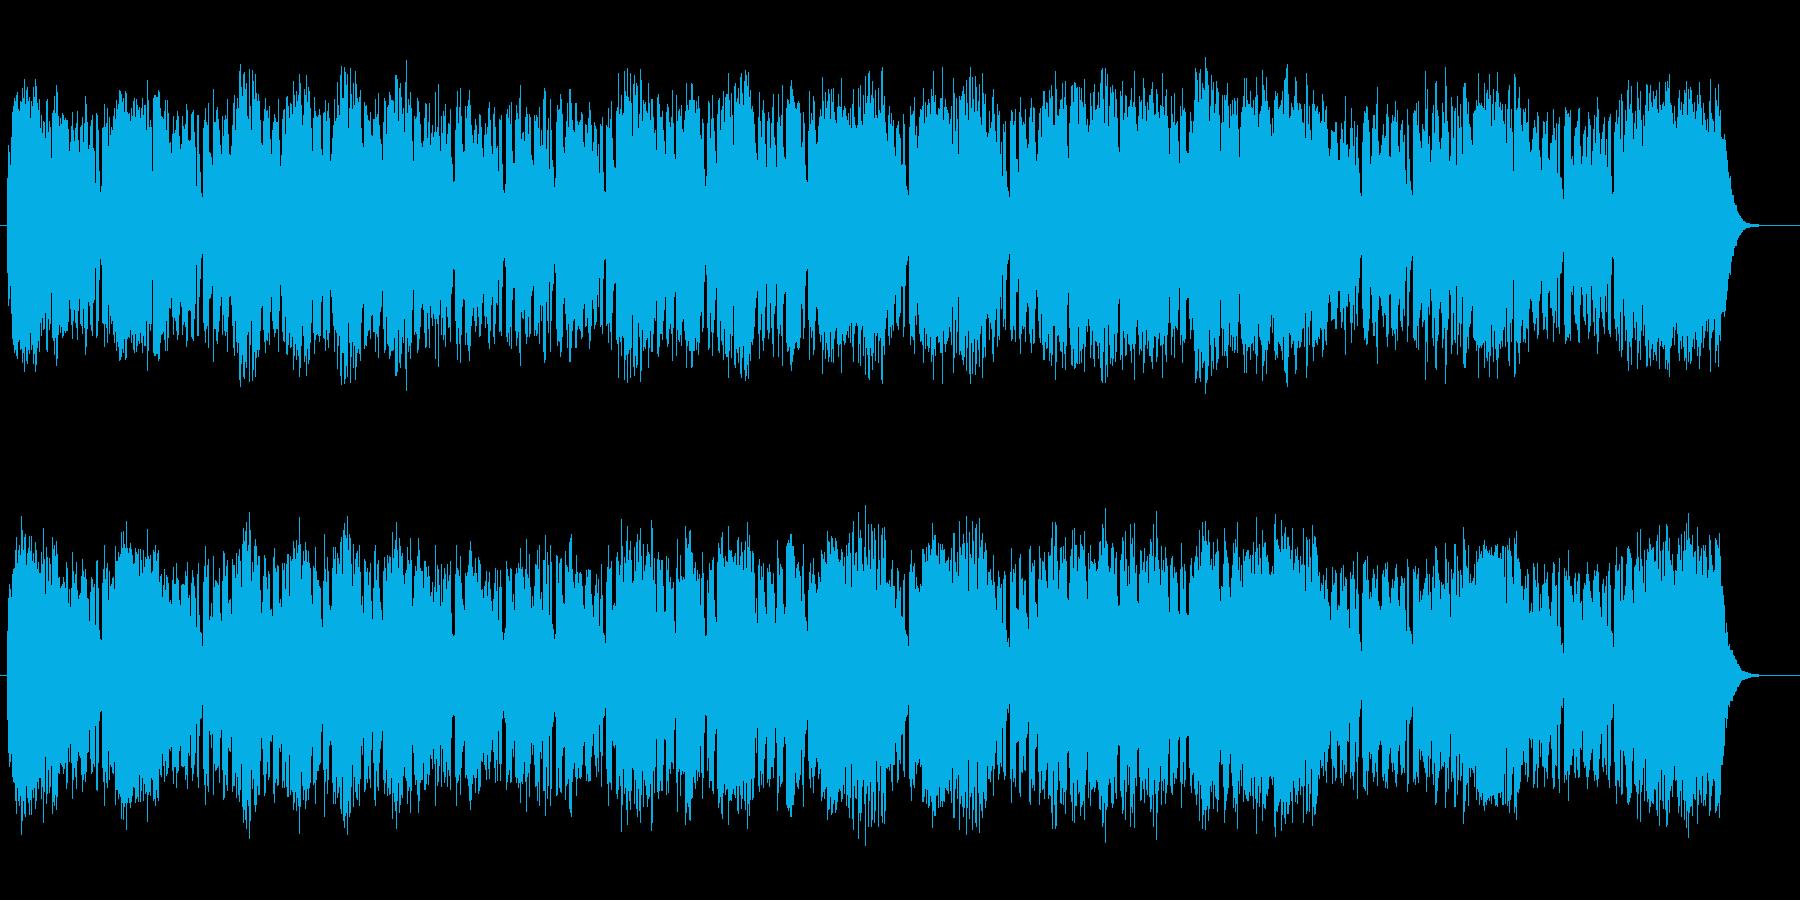 メロディアスで緩やかなシンセサウンドの再生済みの波形